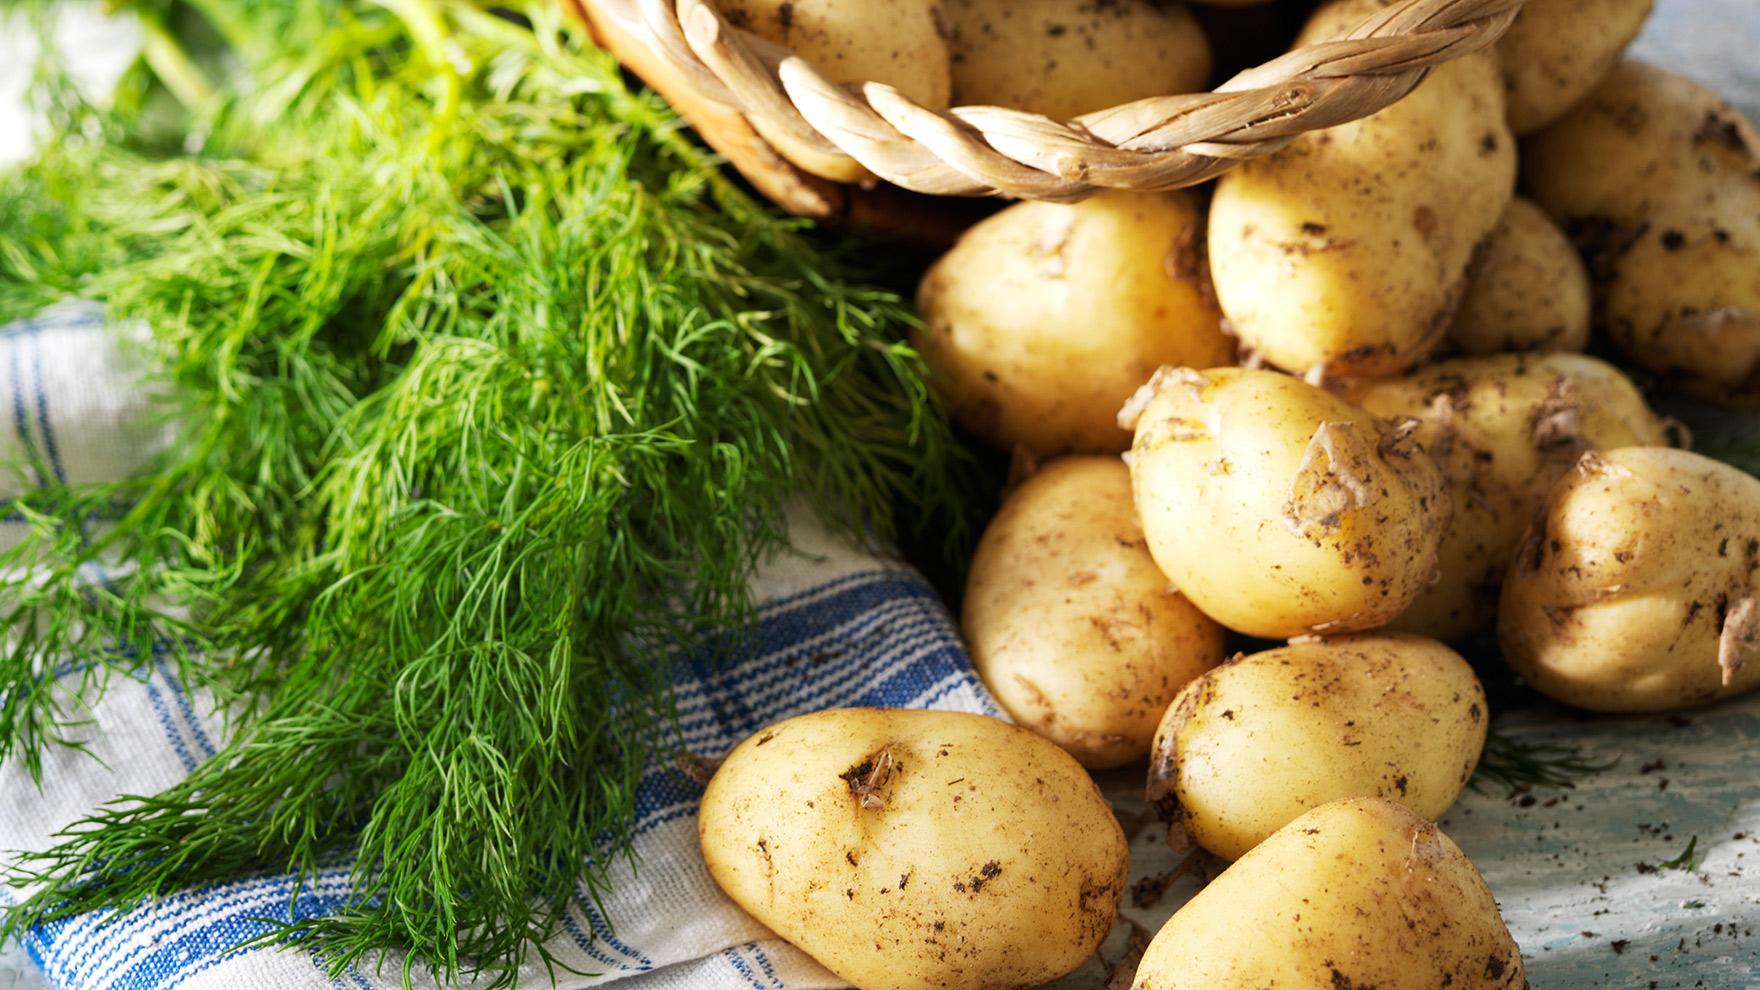 Uudet perunat | Varhaisperunat | Parhaat reseptit ja valmistusvinkit – K-Ruoka